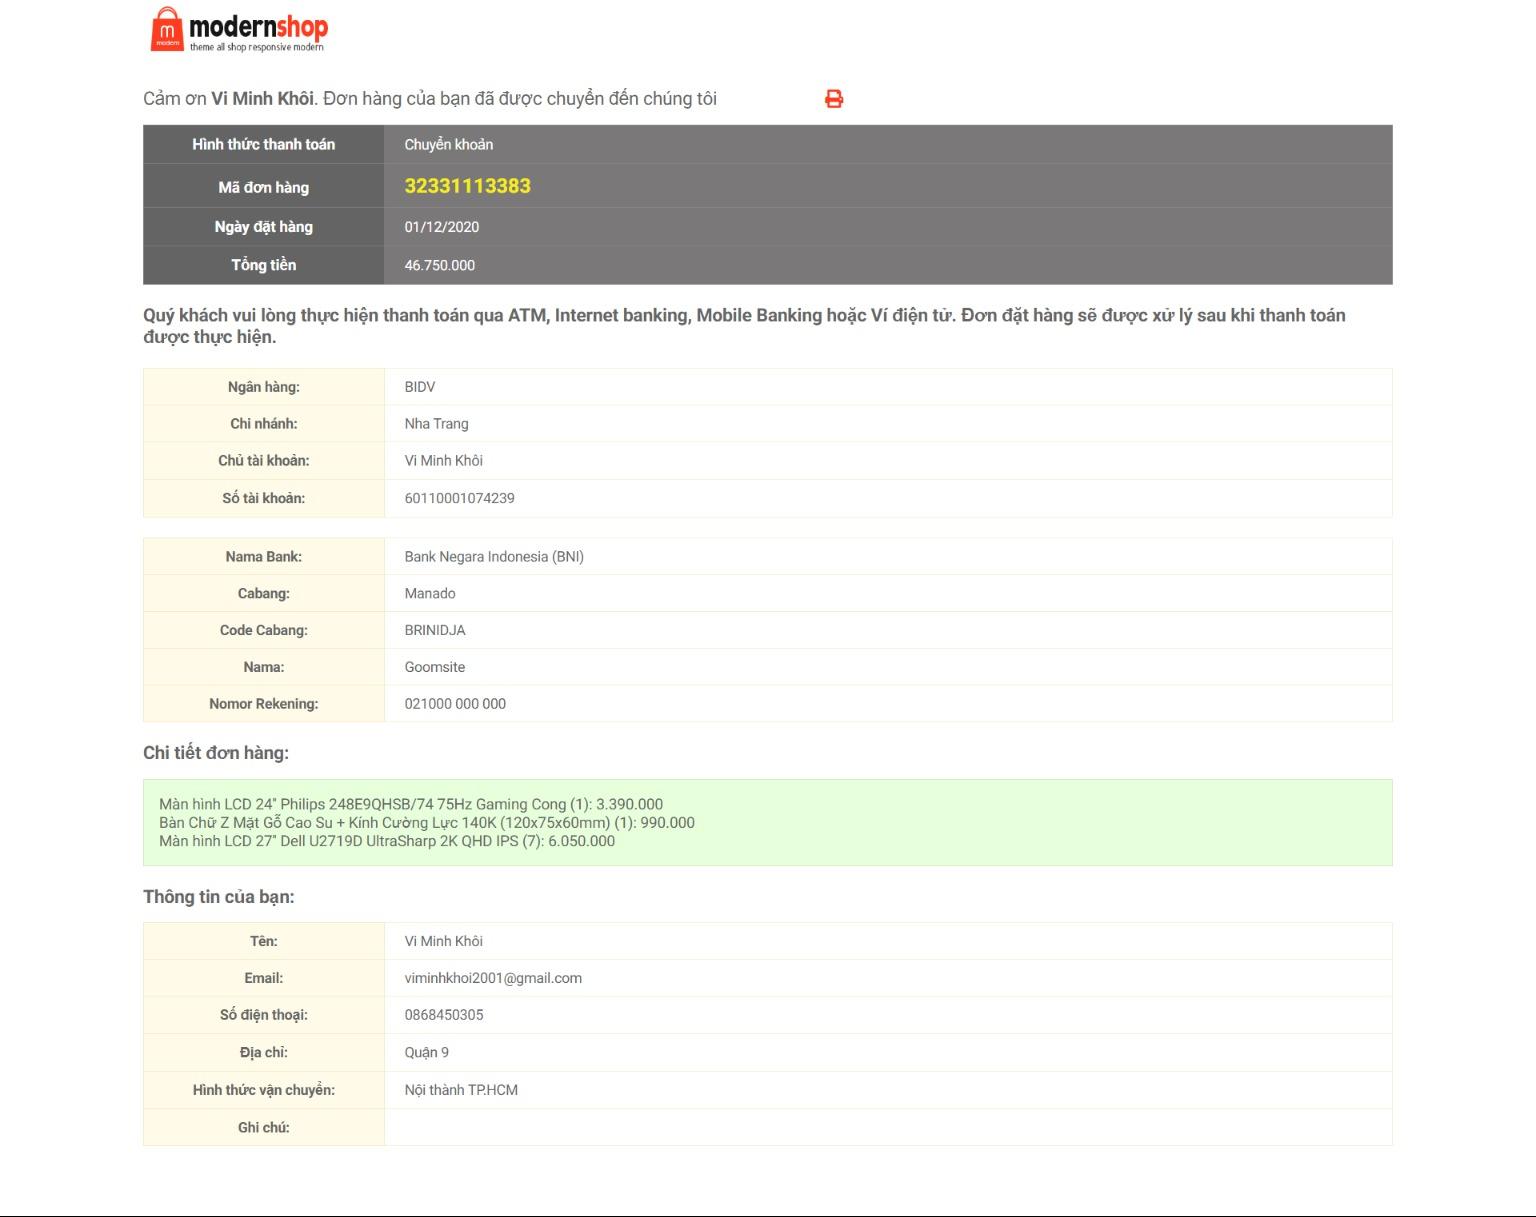 Free ModernShop Responsive Blogger Template